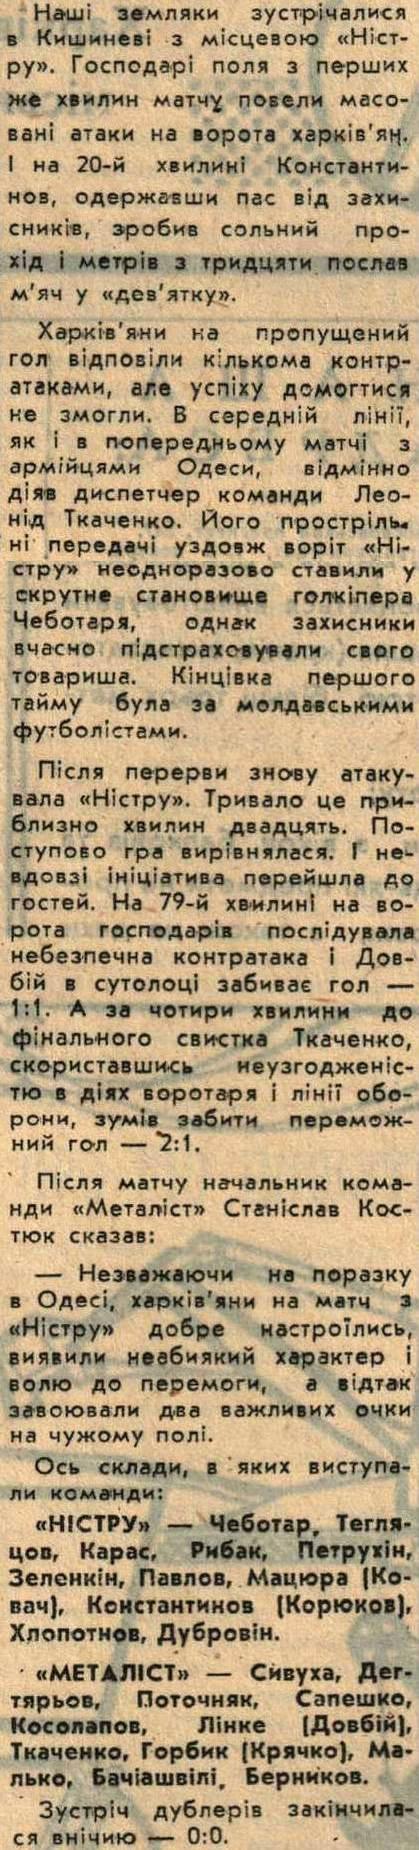 [Изображение: 1981-04-05_Nistru-MKh_1-2.jpg]